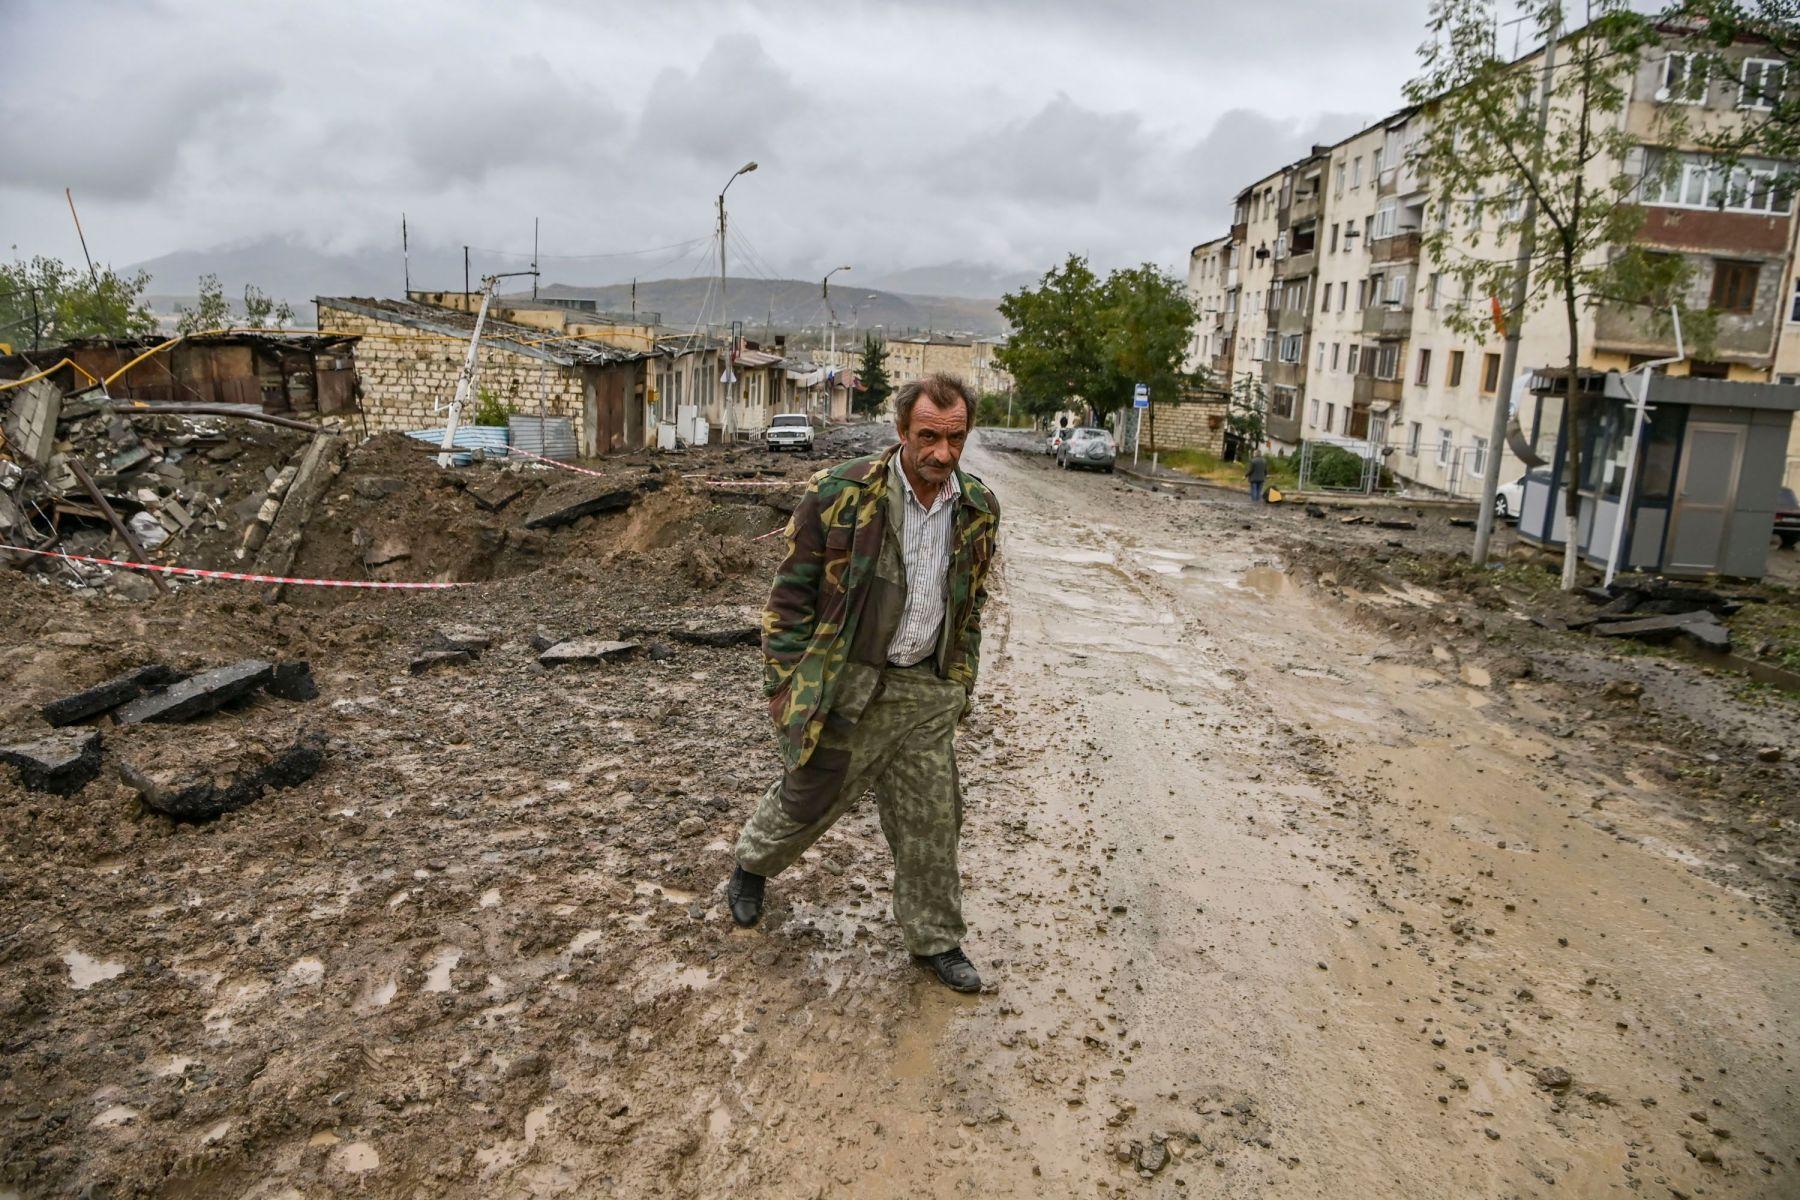 AFP/Aris Messinis